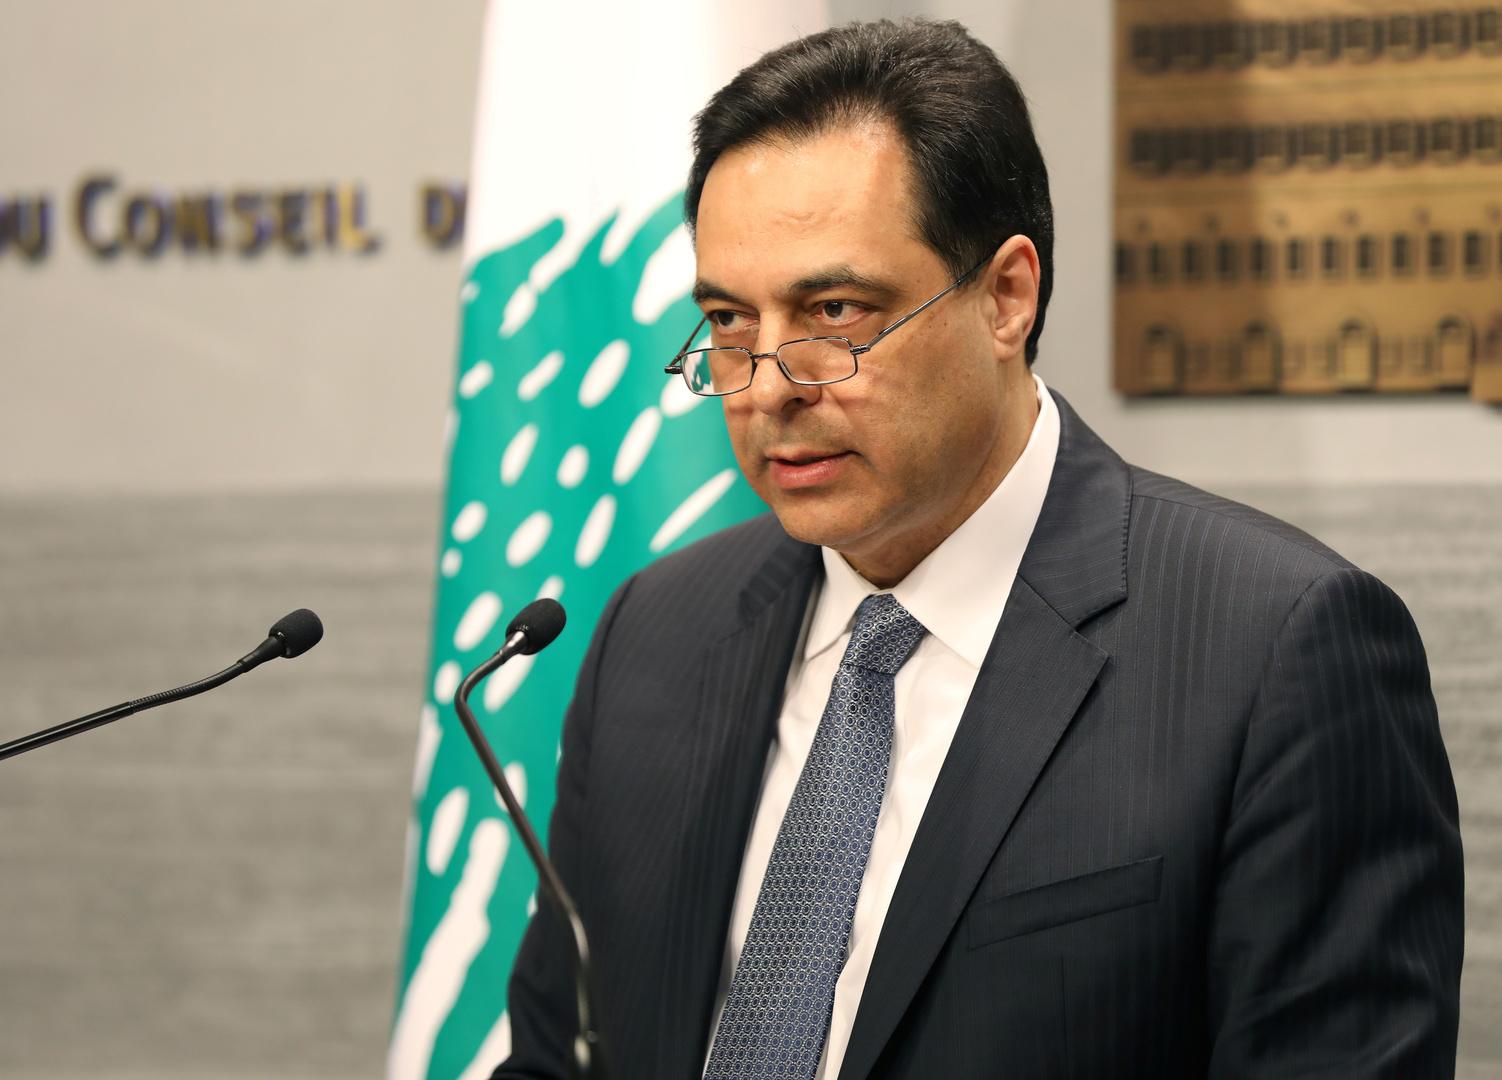 دياب يقاضي الجامعة الأمريكية في بيروت بسبب مستحقاته المالية